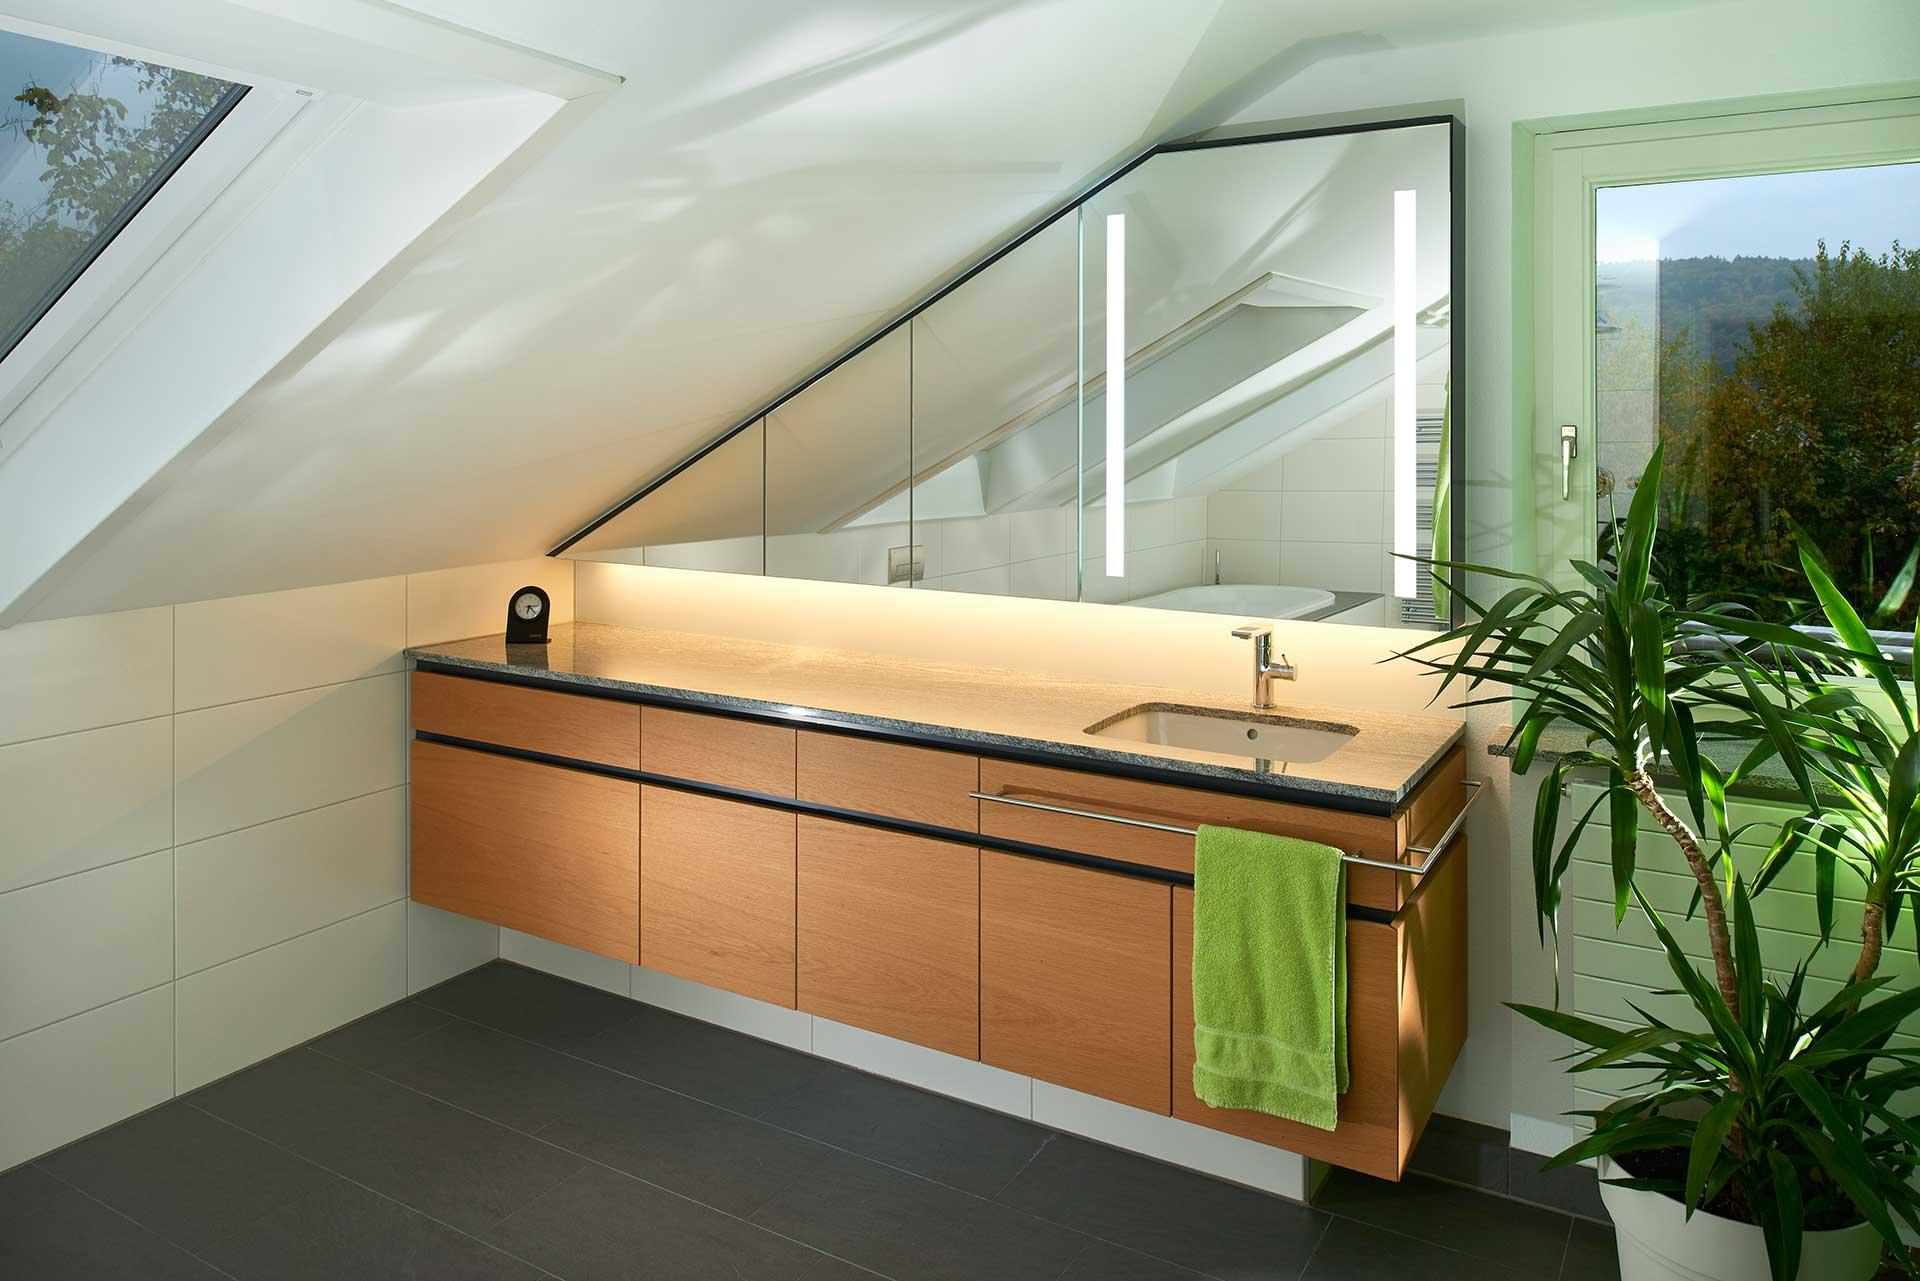 baden 5 m bel b hler schorndorf. Black Bedroom Furniture Sets. Home Design Ideas